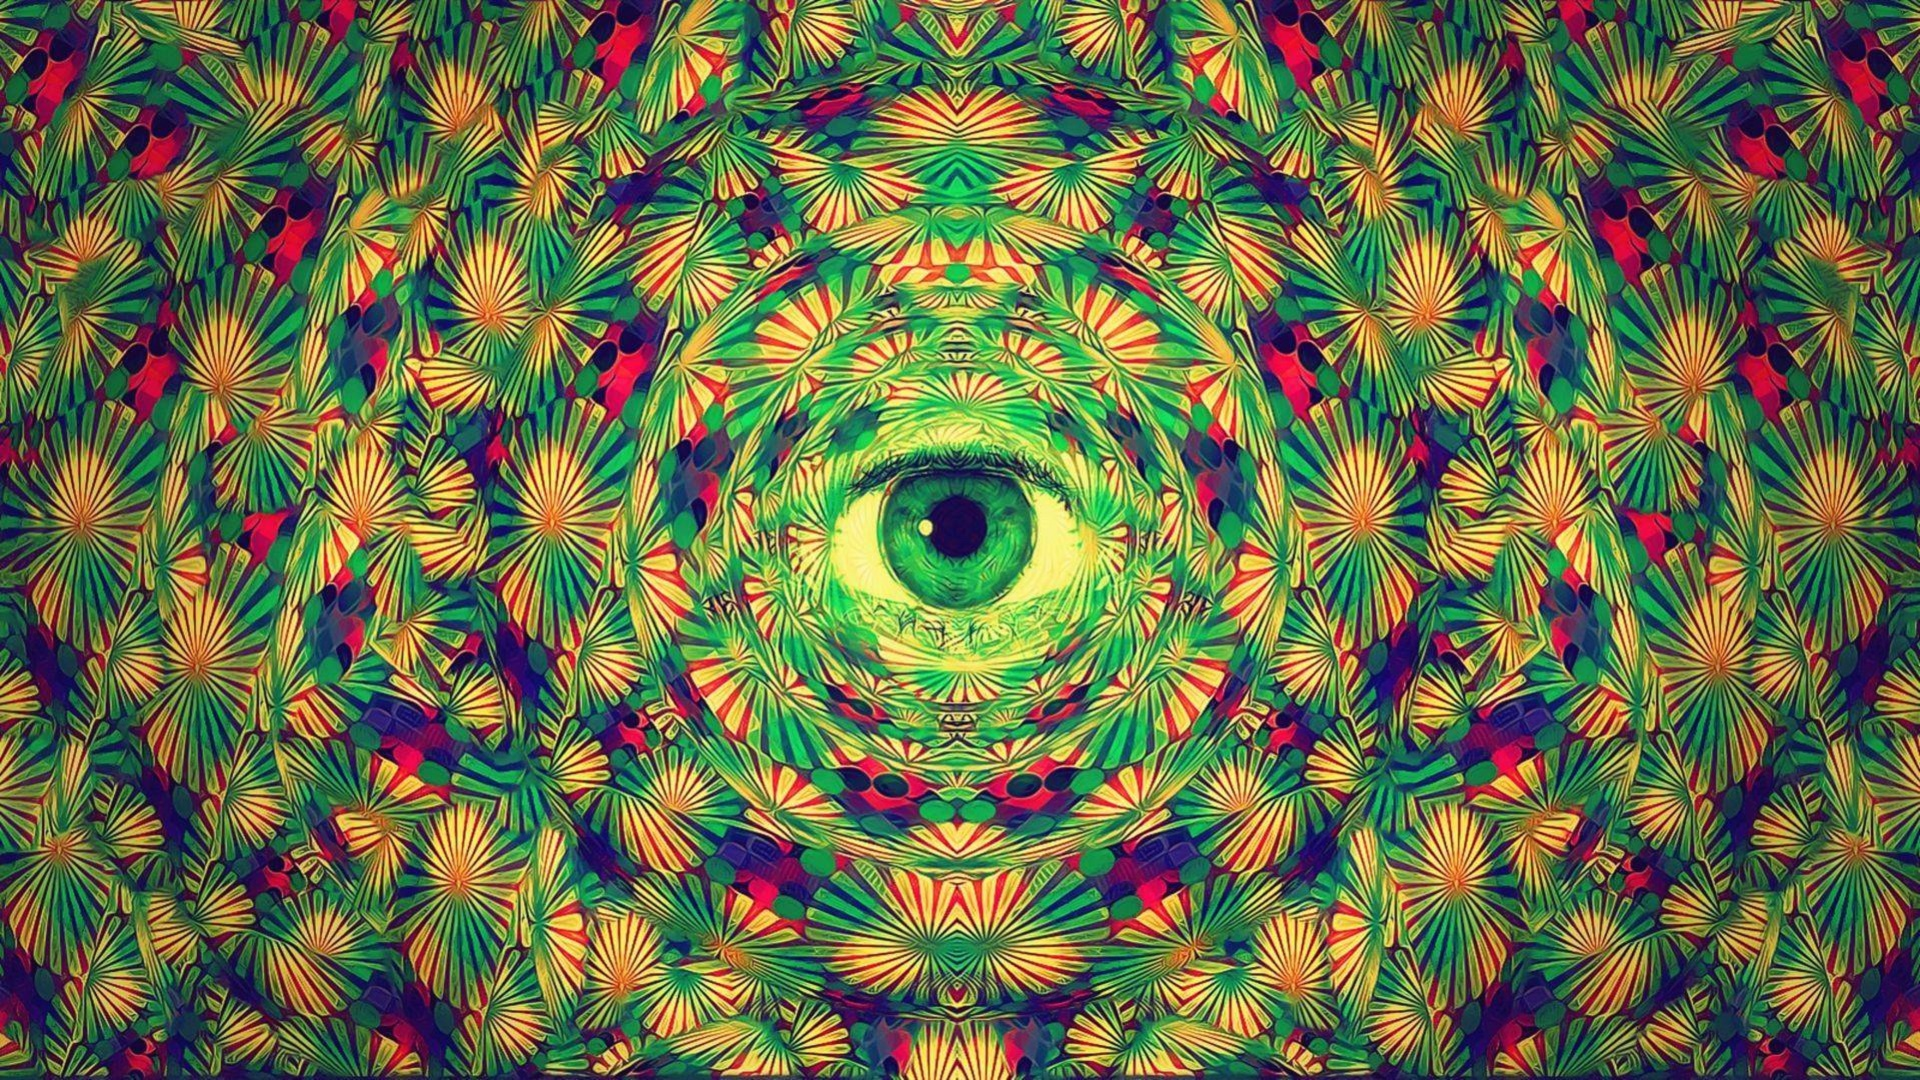 Starry Fall Night Wallpaper Tie Dye Wallpapers Hd Pixelstalk Net